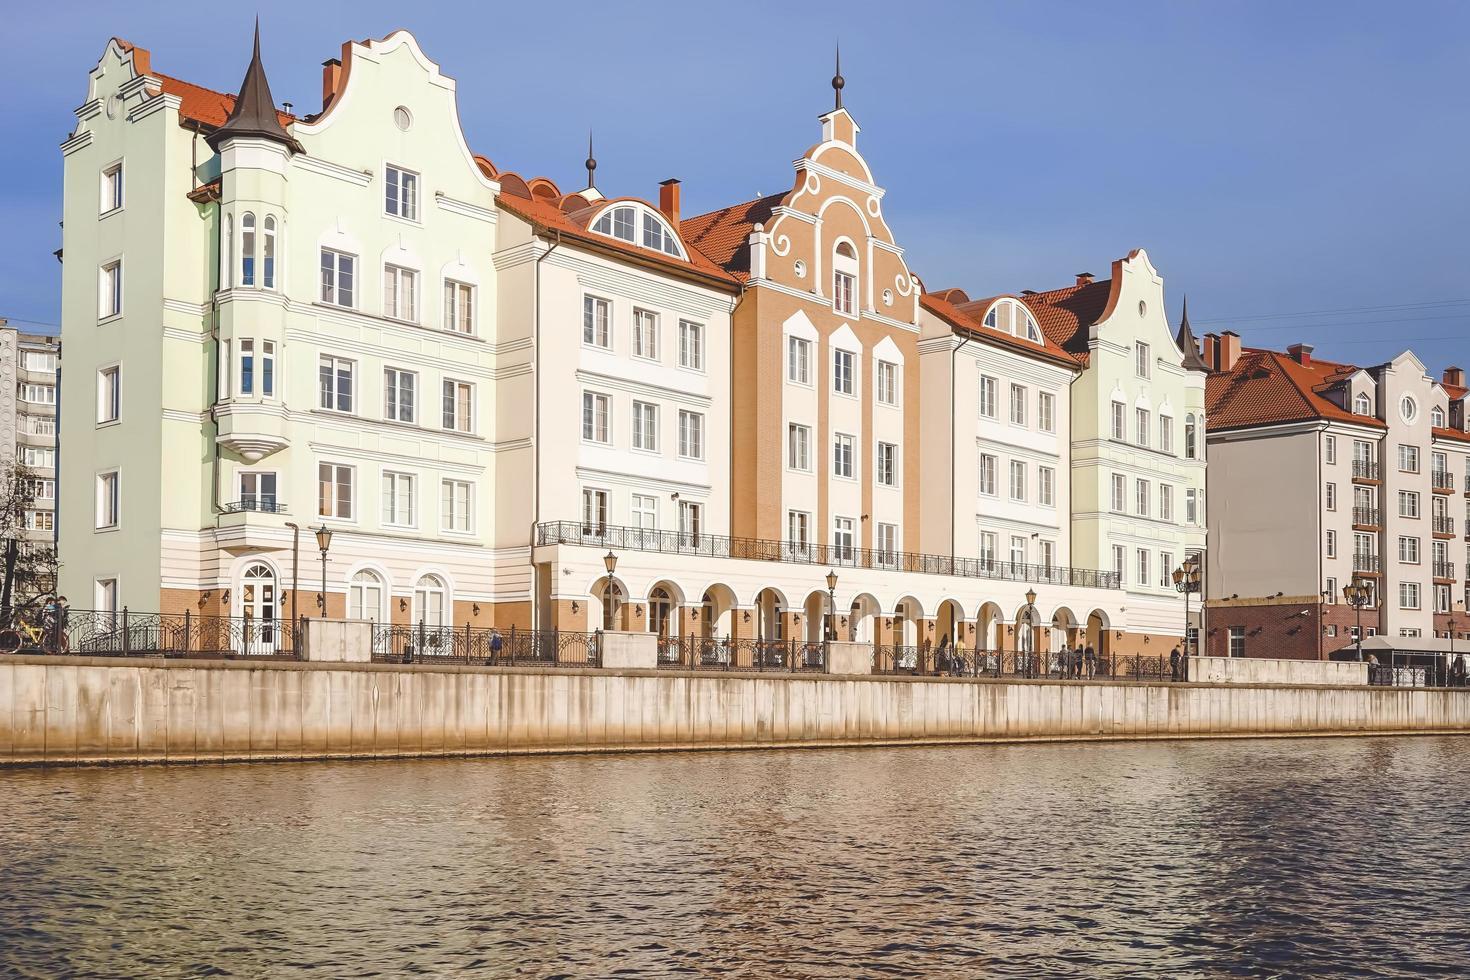 paysage urbain avec une belle architecture de la ville historique. photo